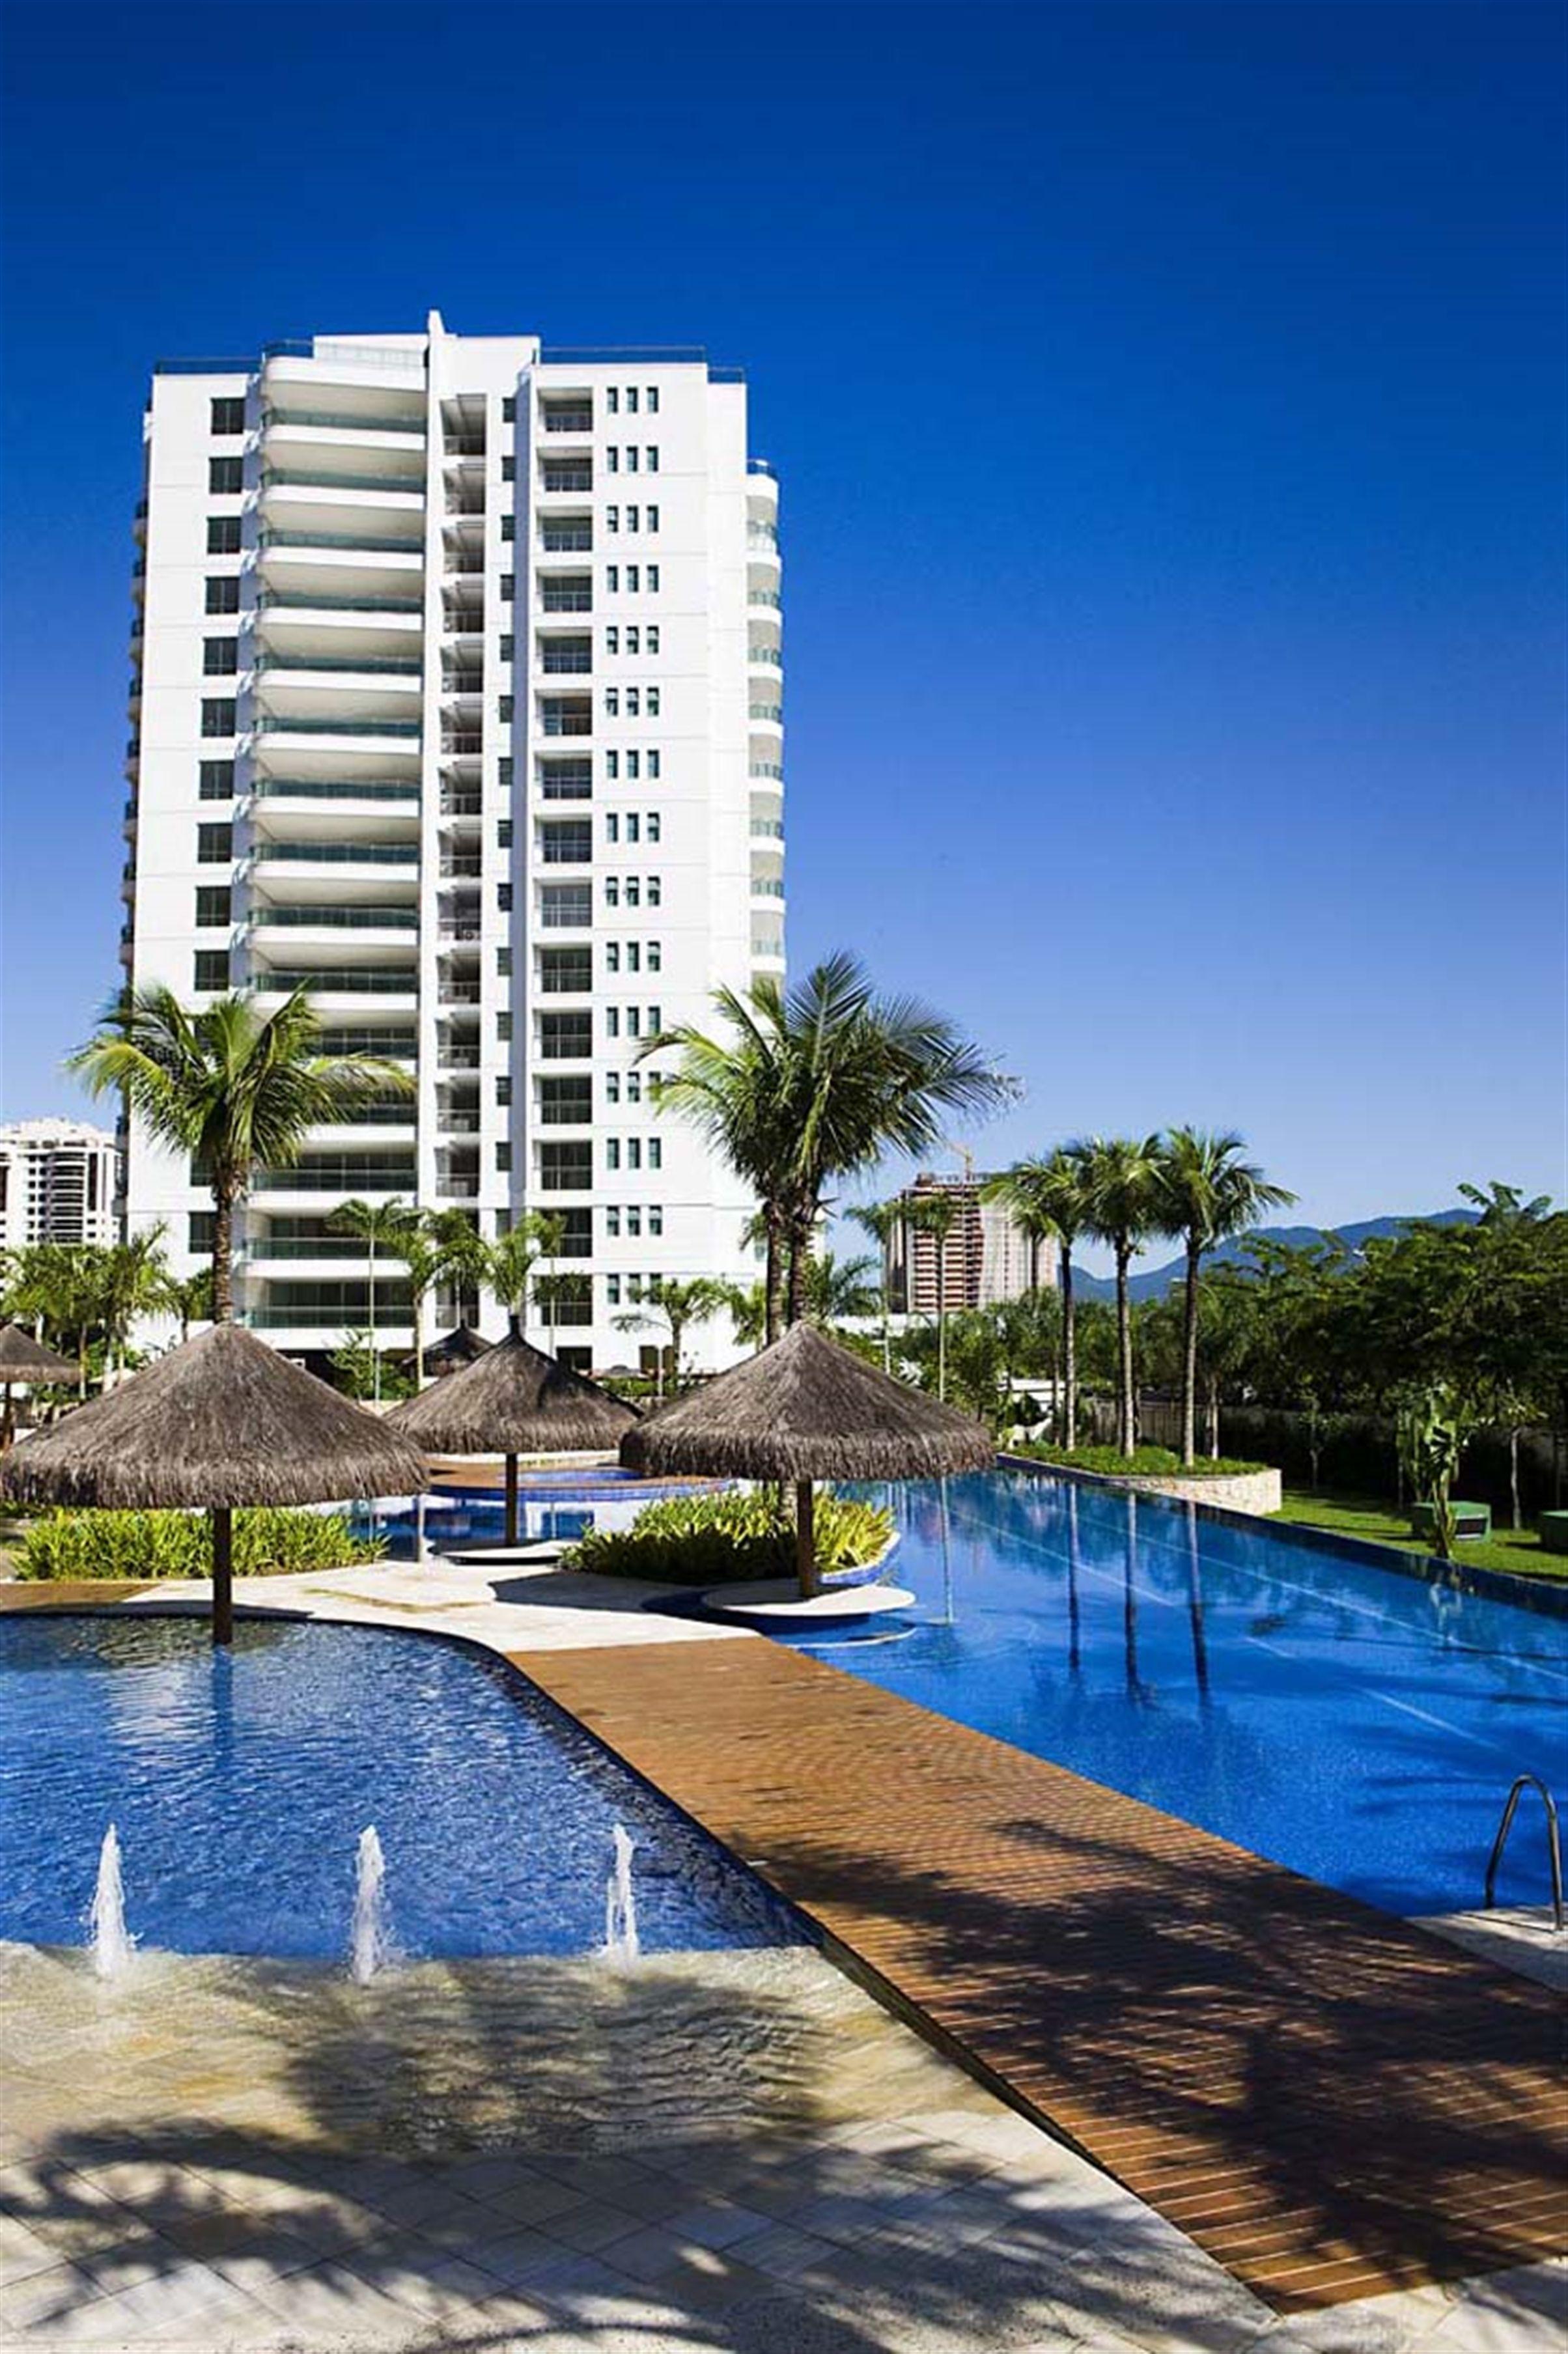 Imóvel pronto | Saint Barth – Apartamentona  Barra da Tijuca - Rio de Janeiro - Rio de Janeiro